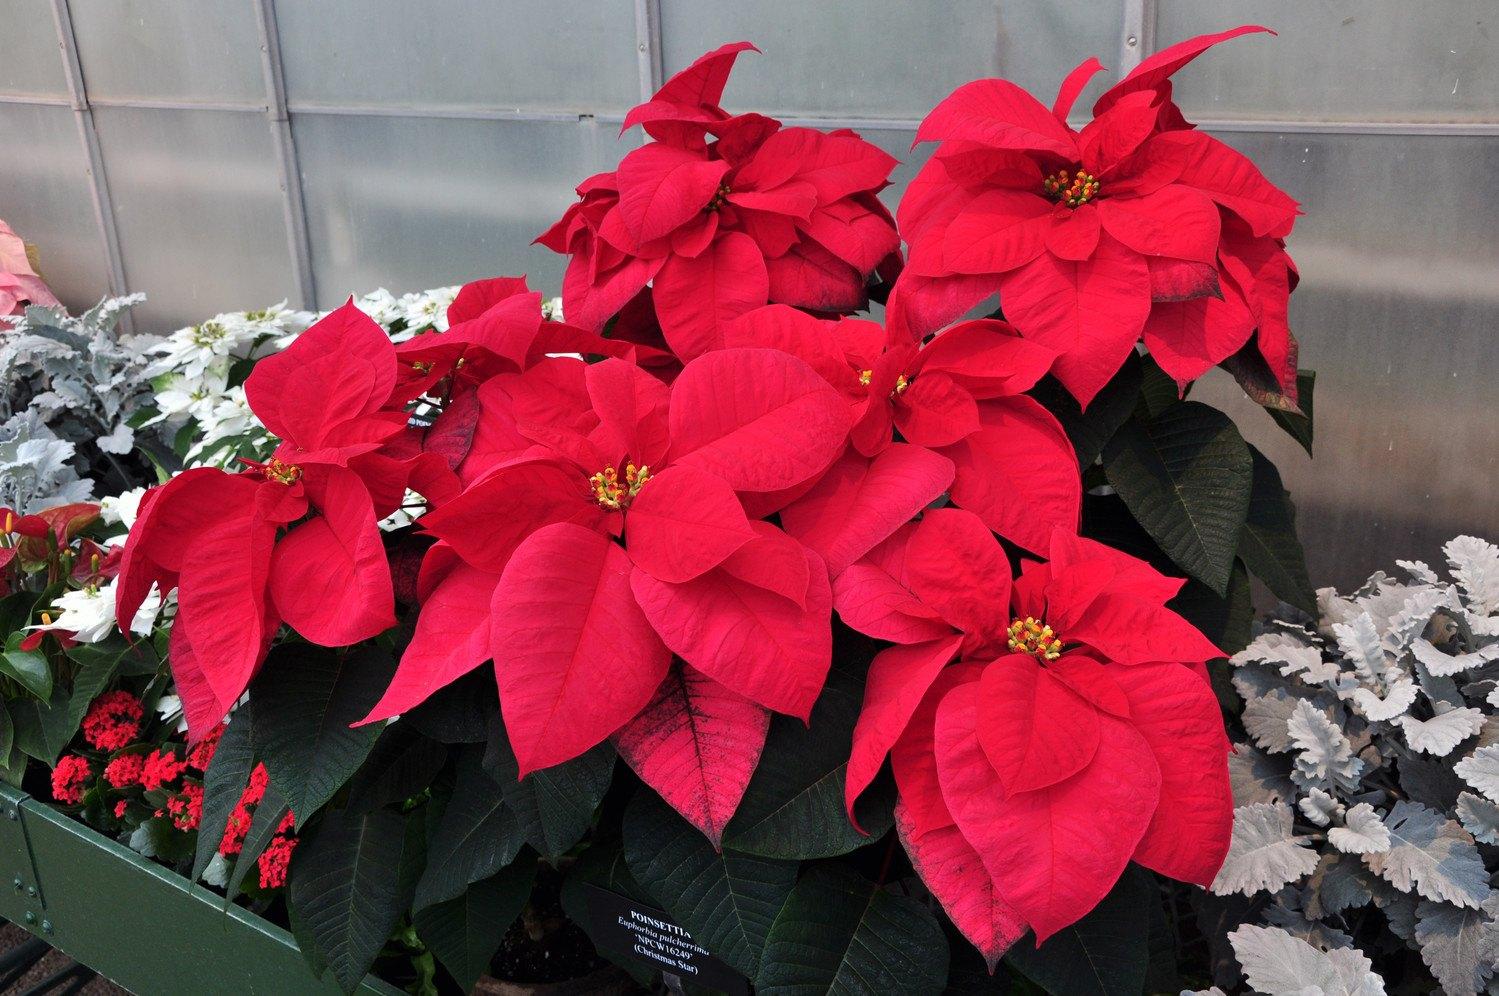 Комнатный цветок с красными листьями: название, фото и уход